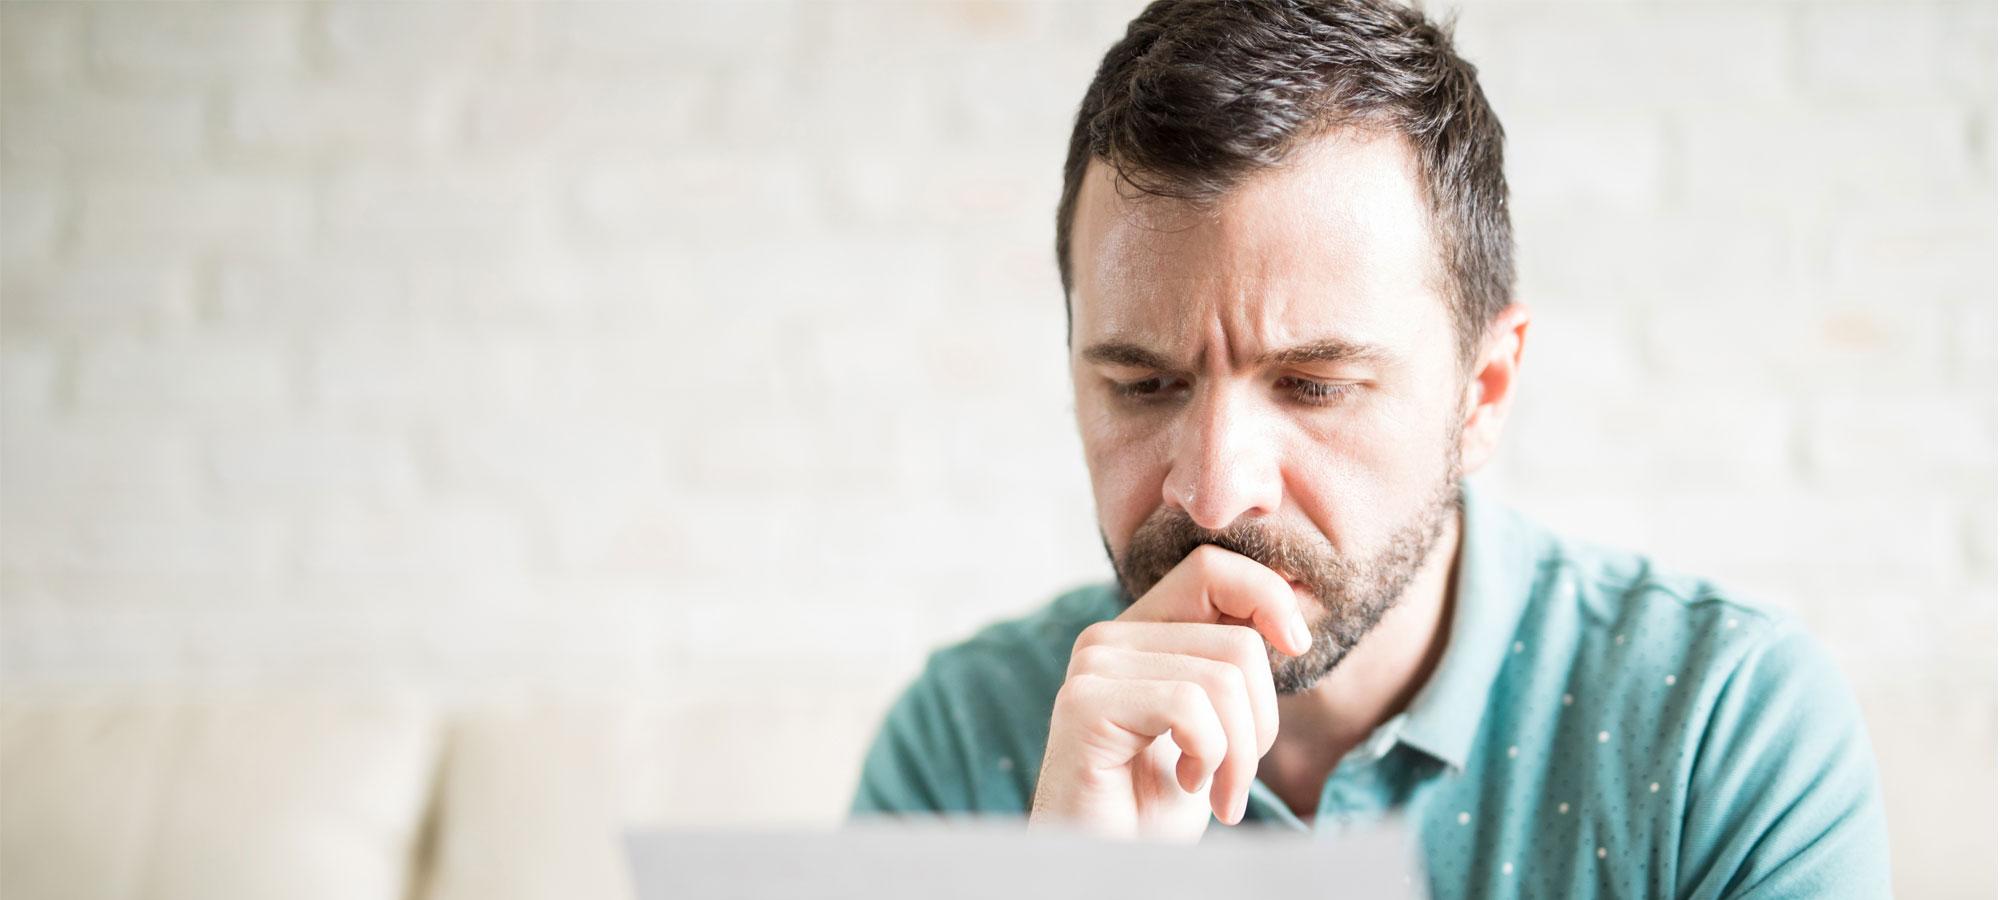 En mann som ser bekymret ut mens han leser et brev